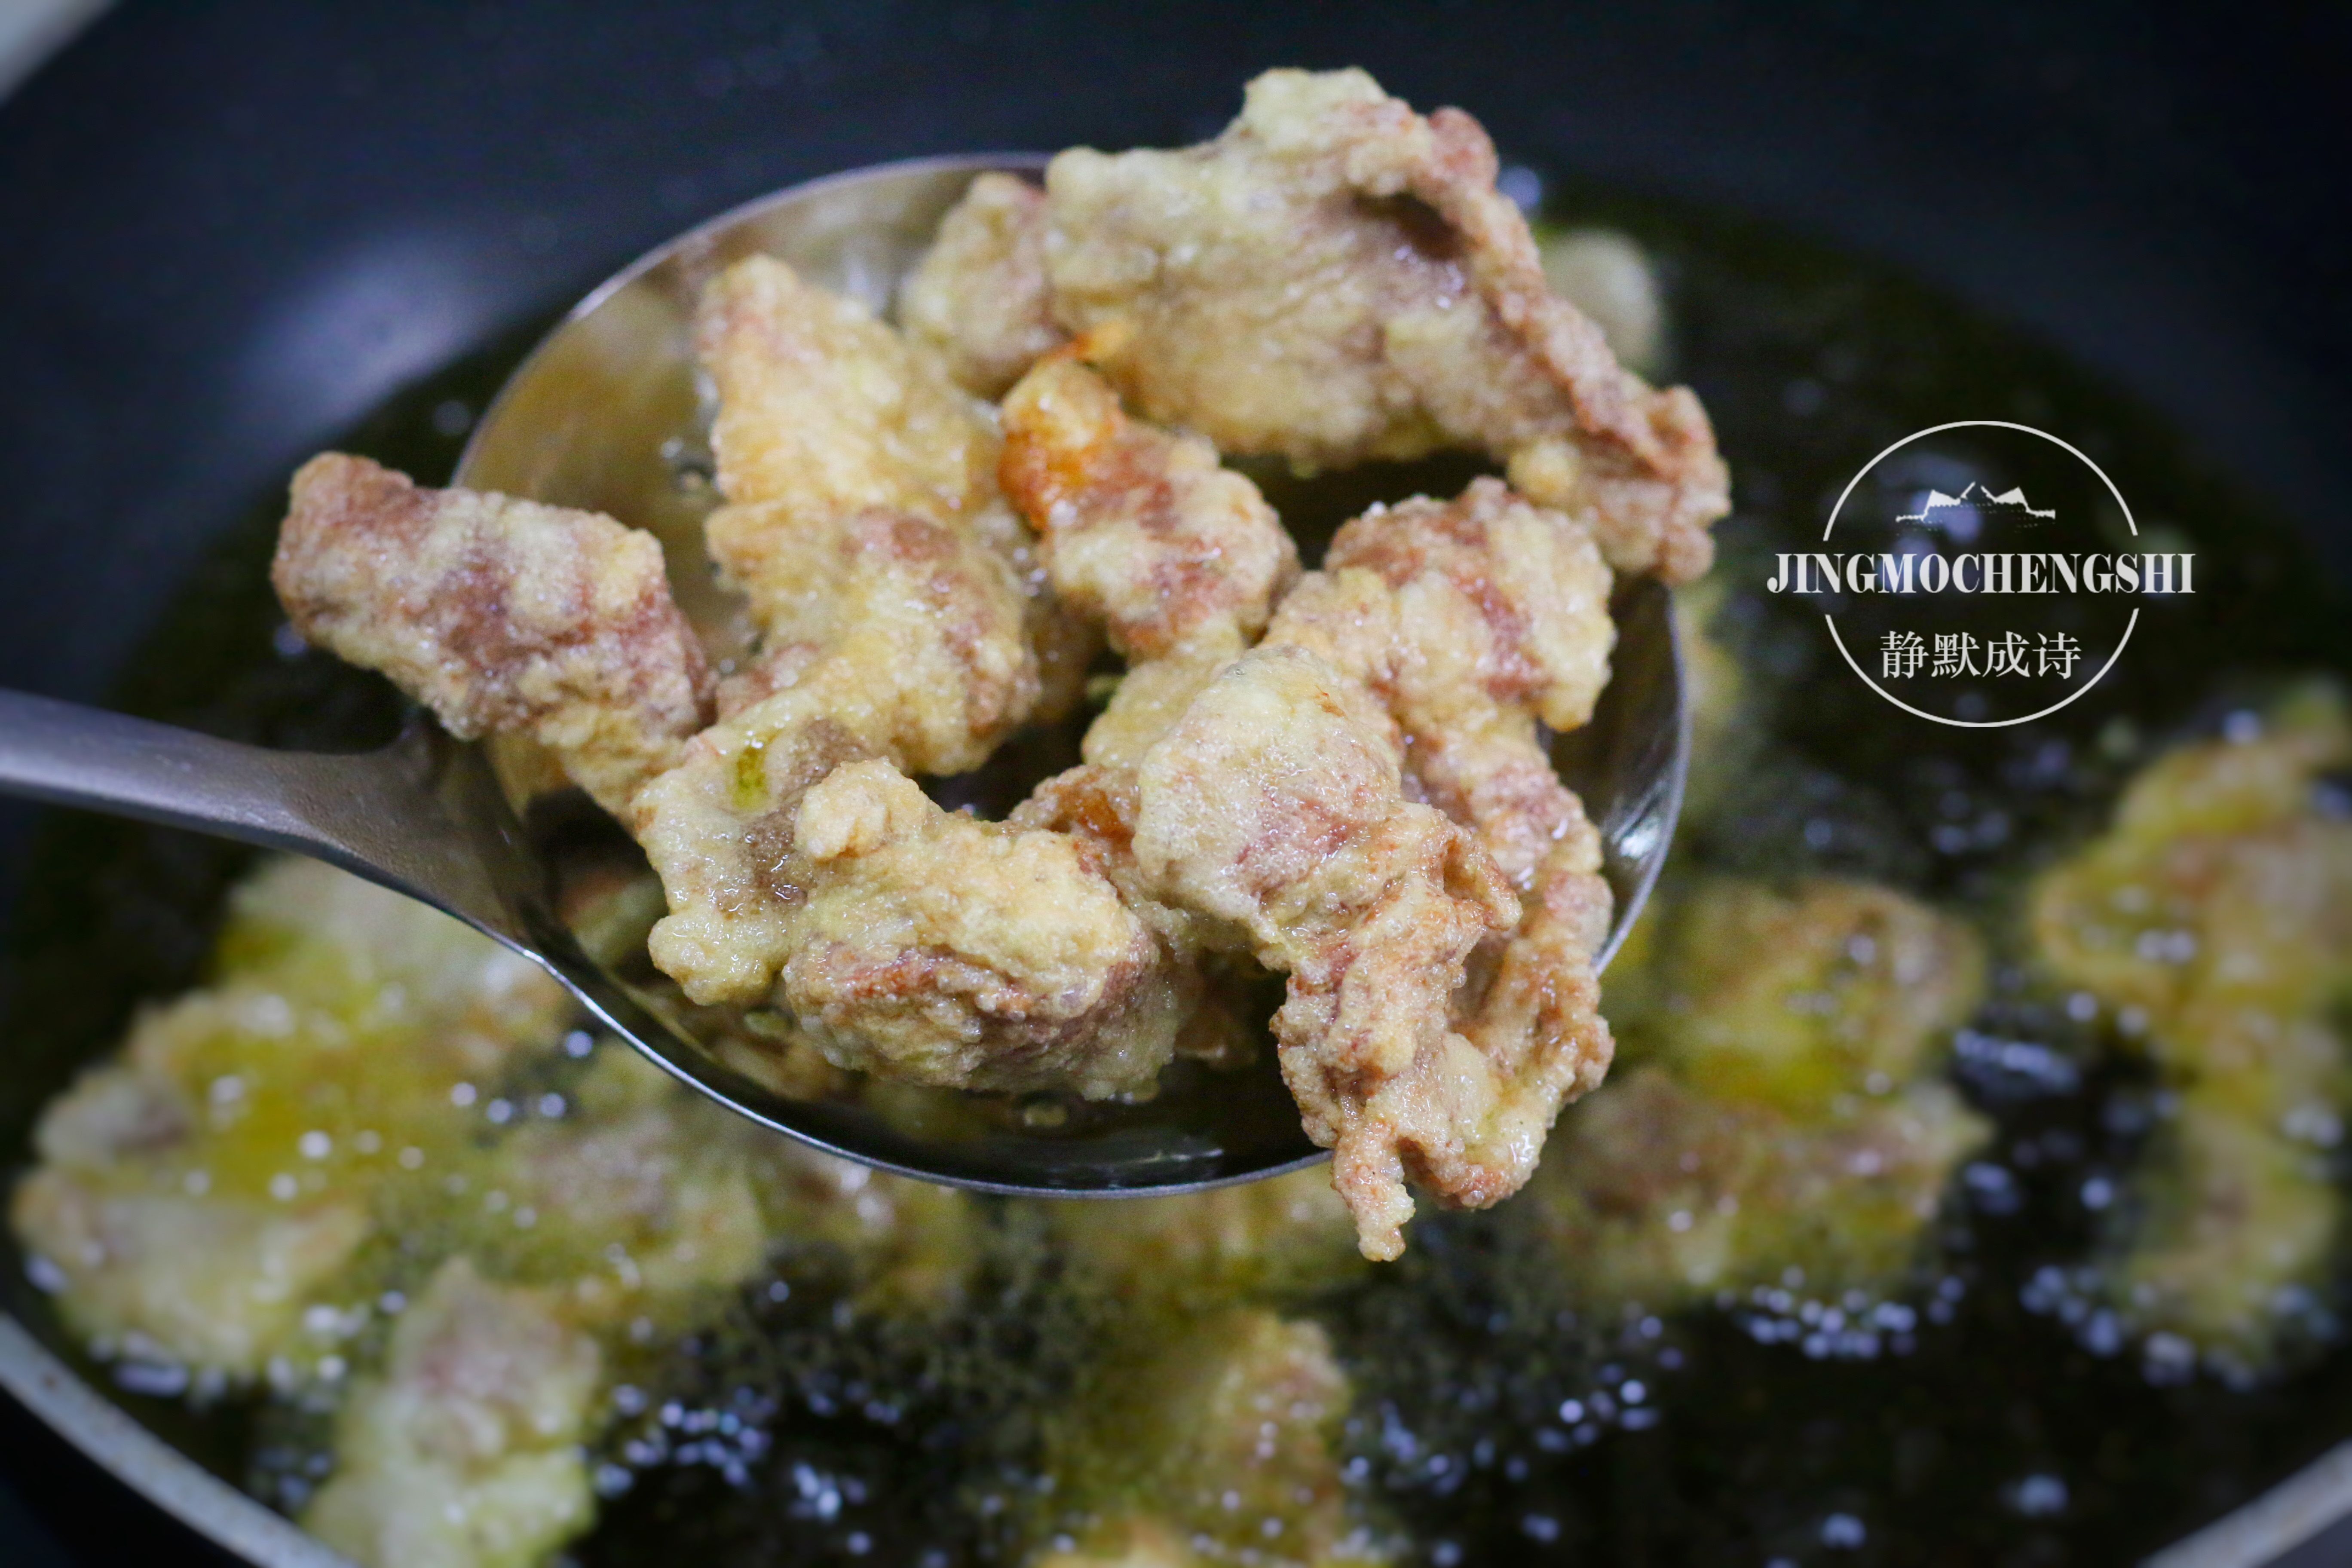 給豬肉換個做法,既香又酥,拿著吃煮湯吃都香,做一次吃好久